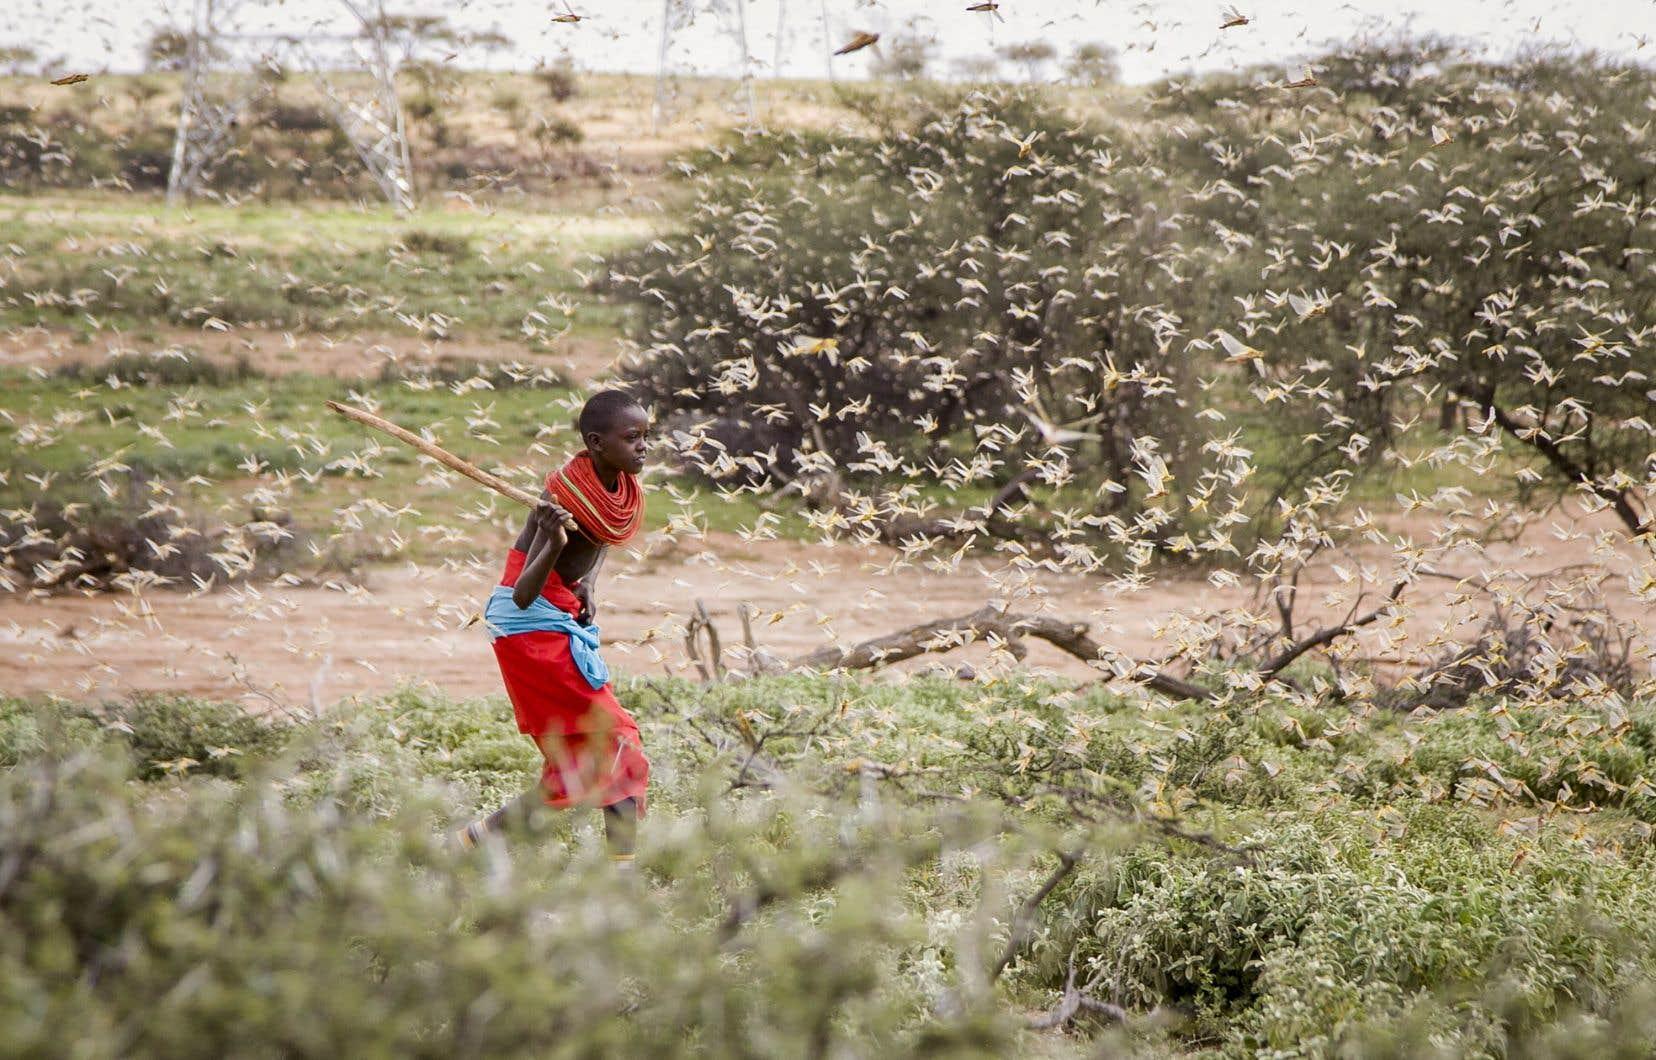 La FAO recherche d'urgence 70millions de dollars afin de renforcer la lutte antiparasitaire et de «protéger les moyens d'existence dans les trois pays les plus touchés», dont le Kenya (sur la photo).